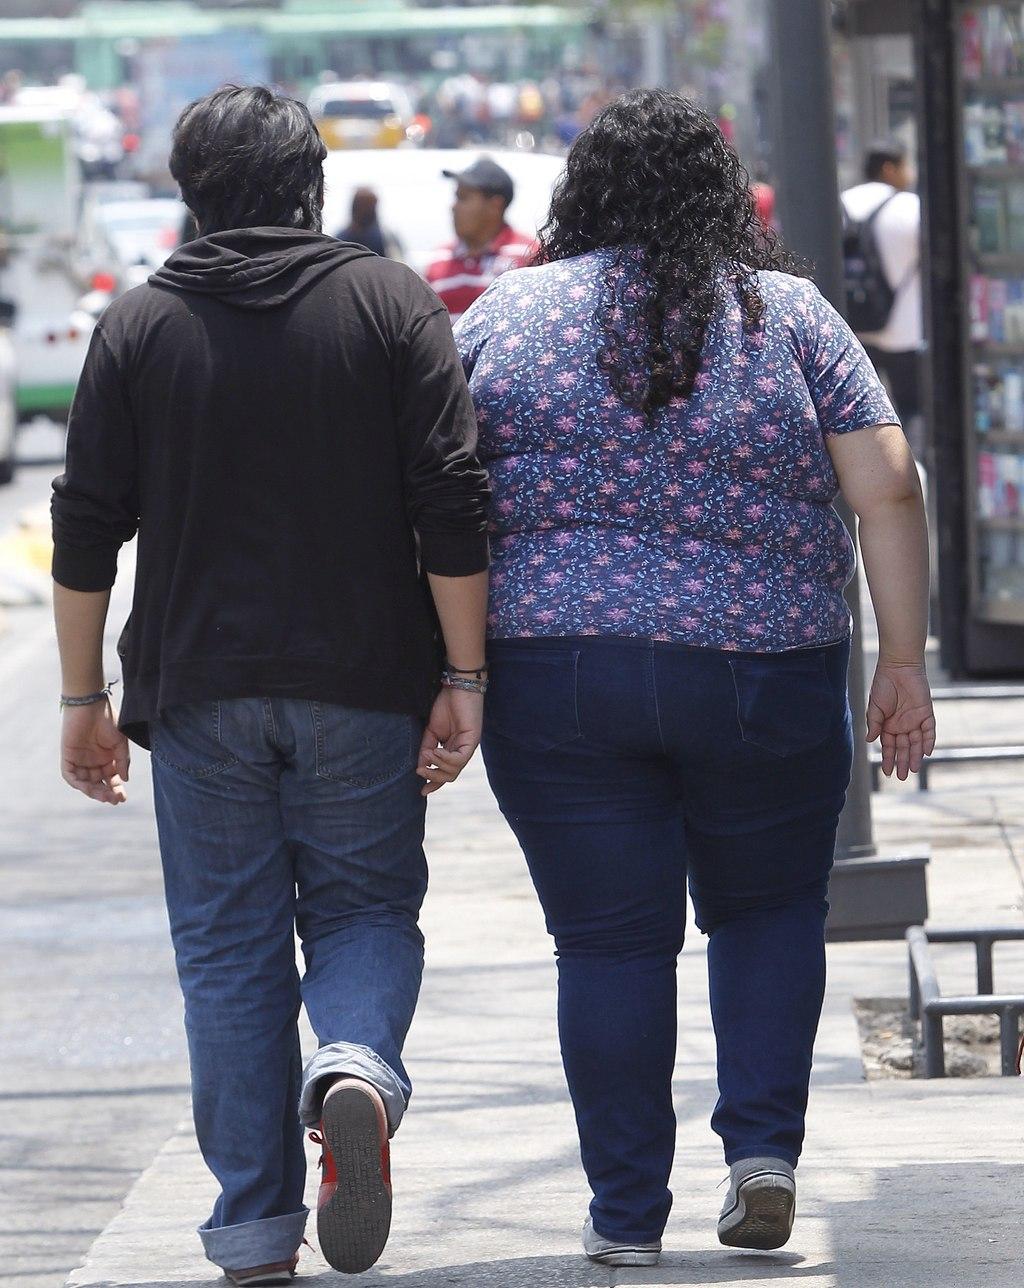 La obesidad y la diabetes generan mayor número de muertes que el COVID-19 en Coahuila.